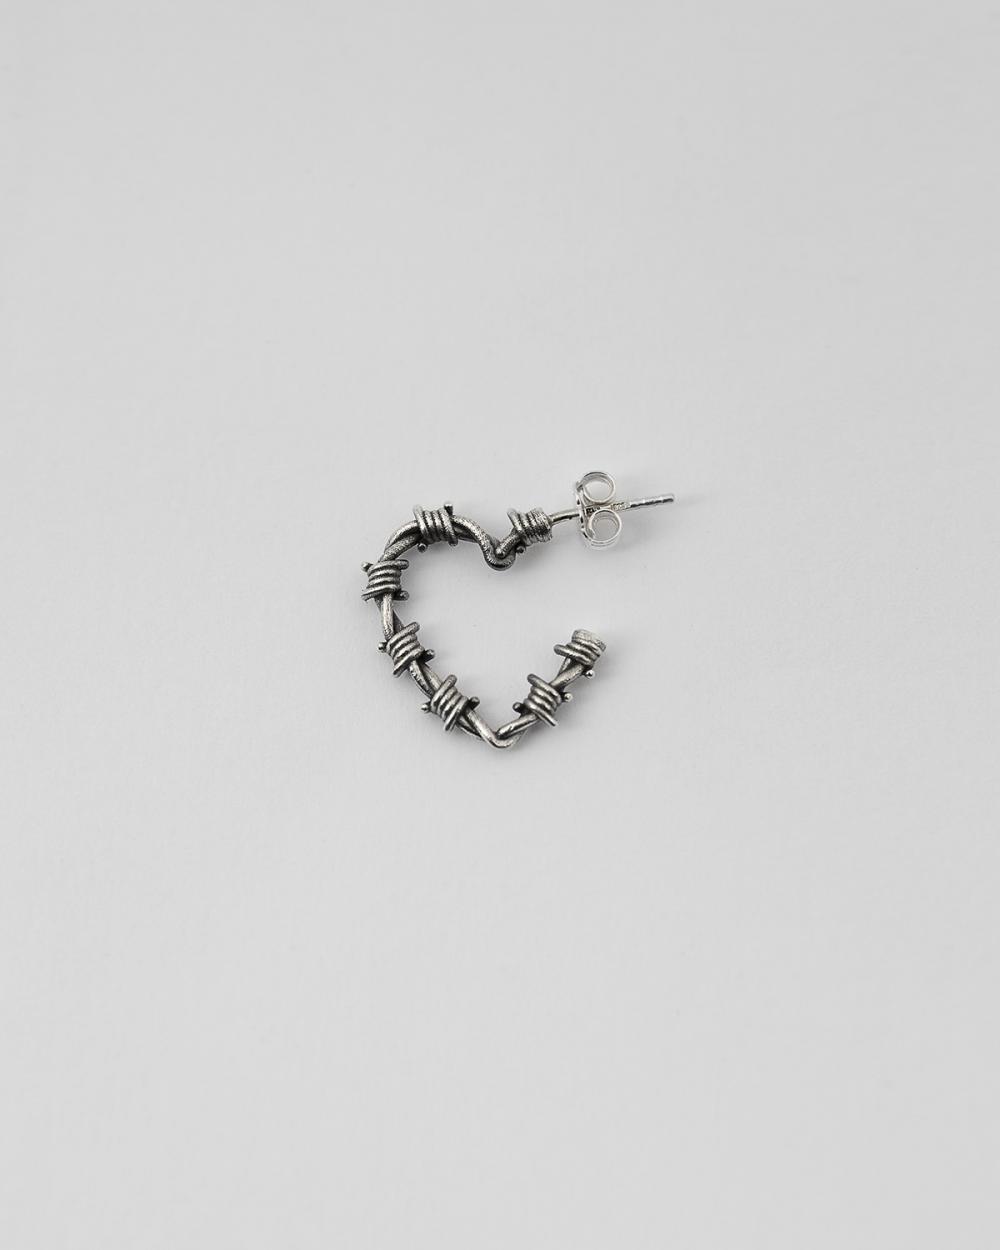 barbed wire heart single earring